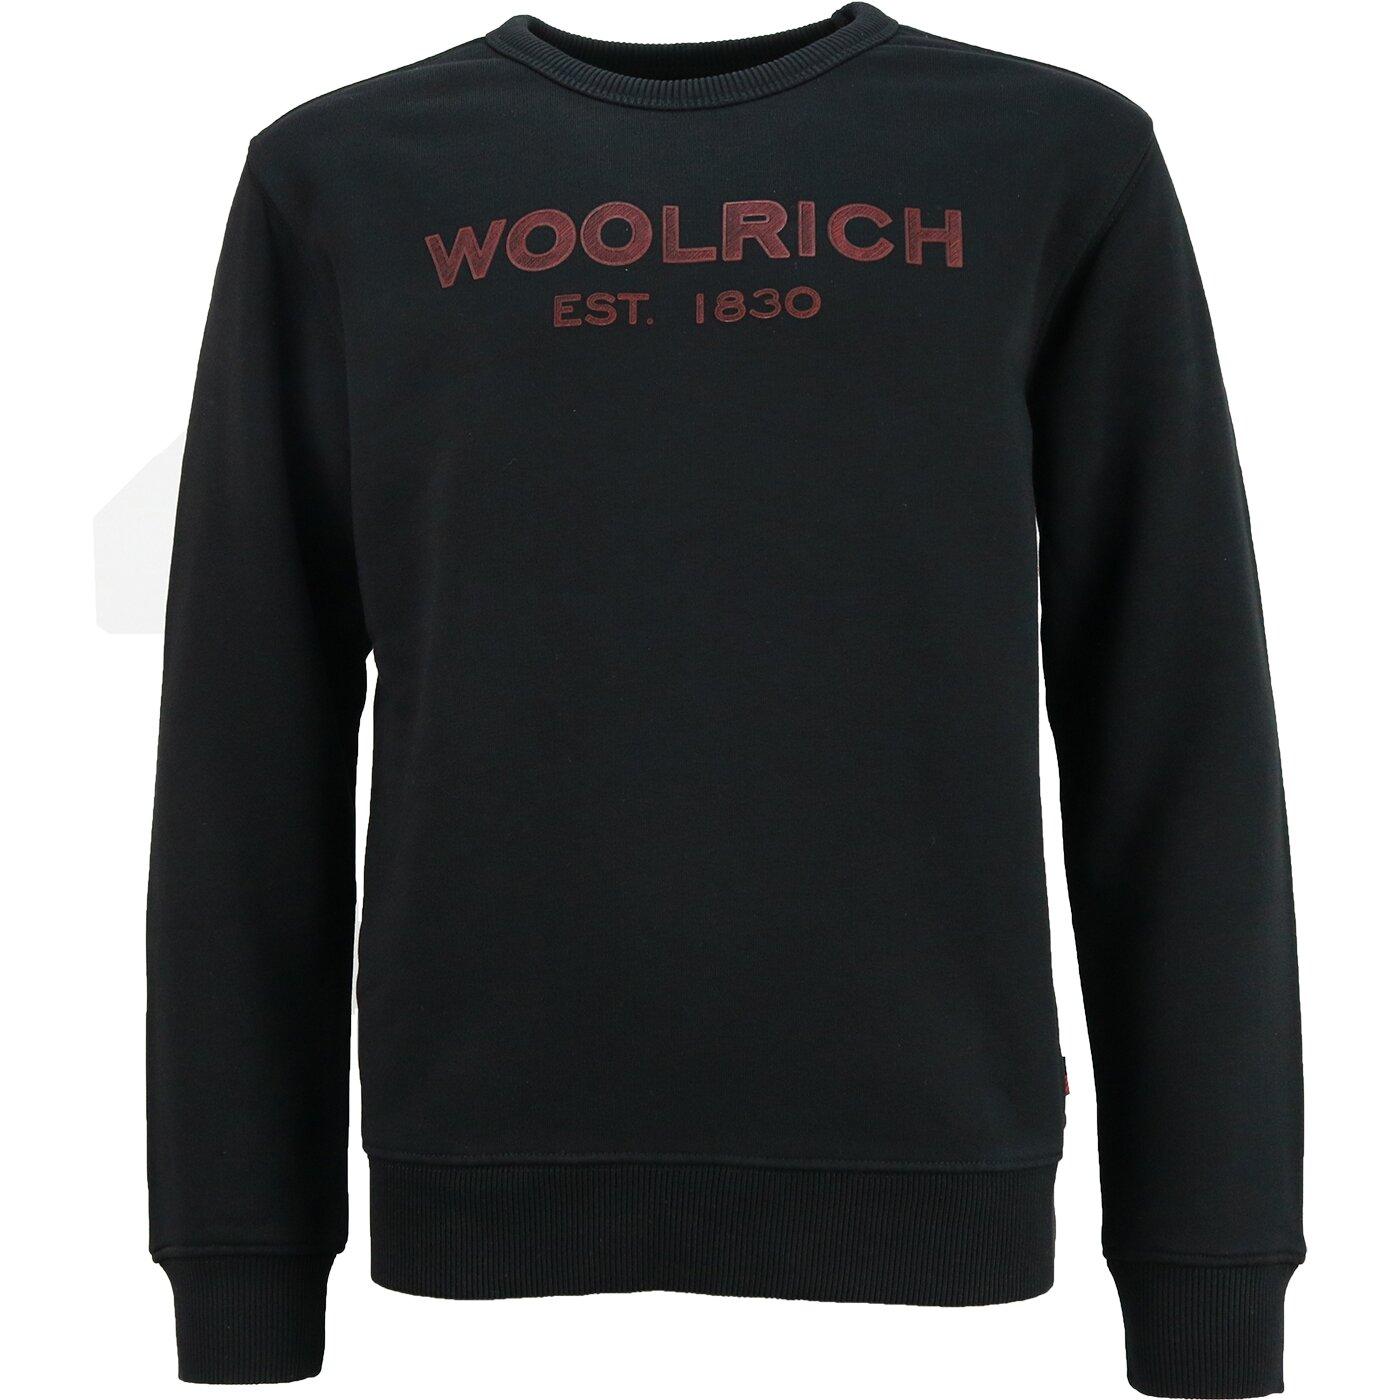 Woolrich Logo Sweater Black